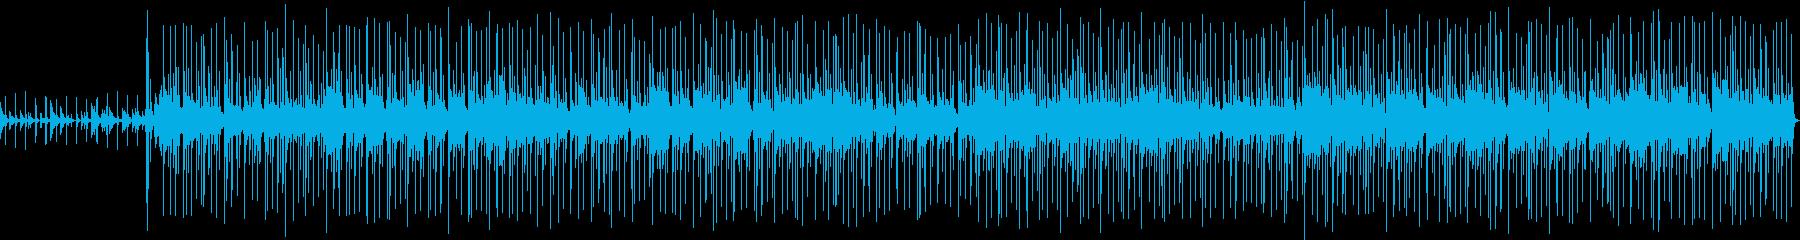 爽やかで優しいウクレレポップスの再生済みの波形